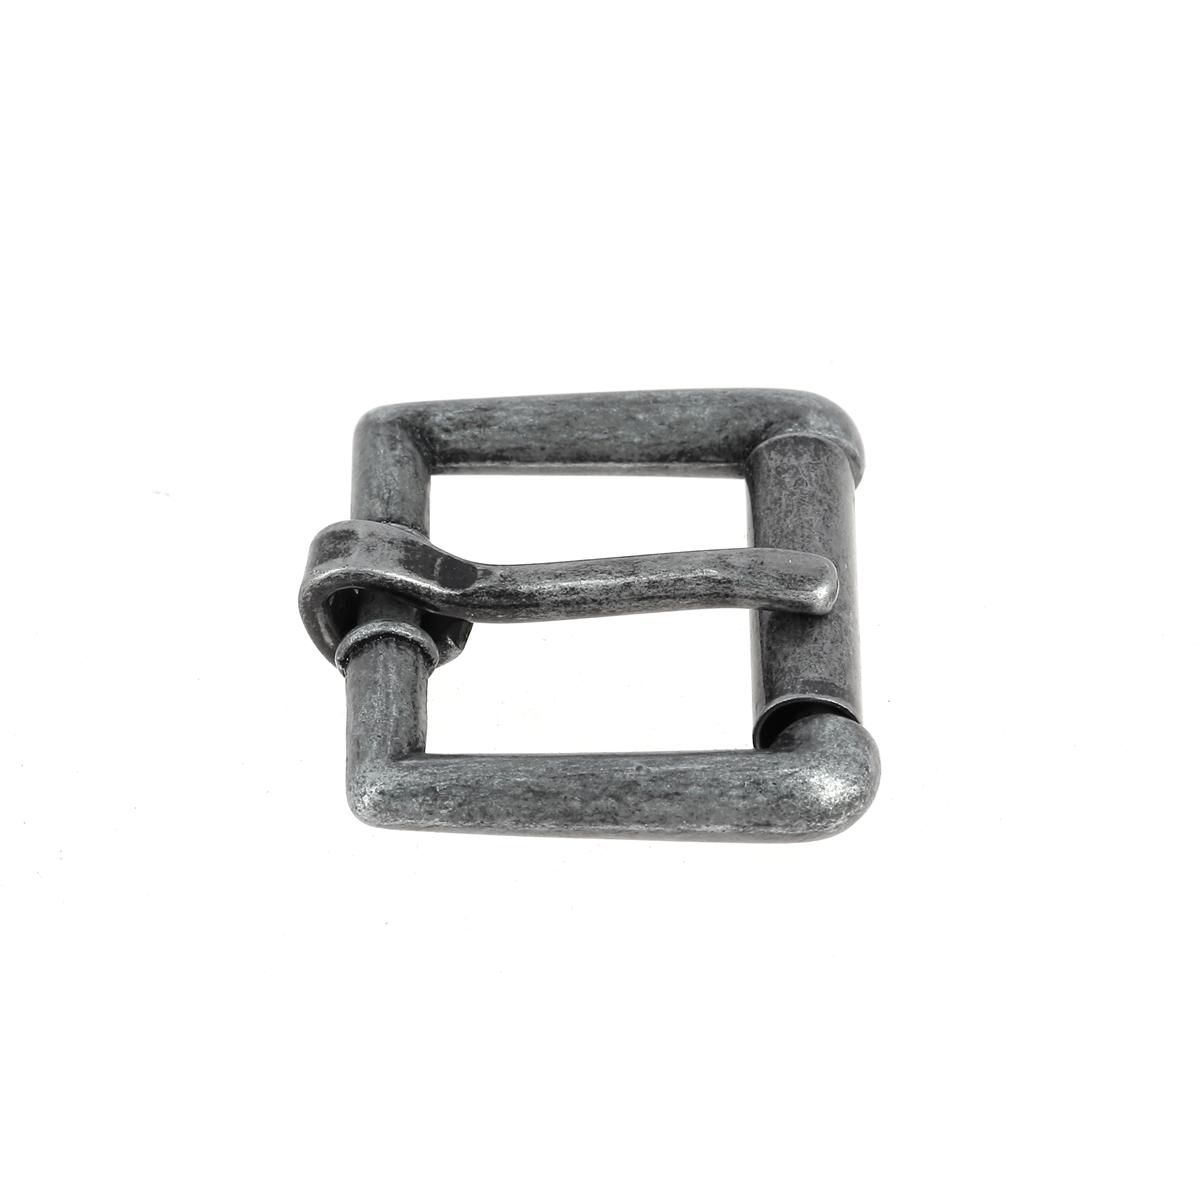 Boucle à rouleau YOU - ARGENT VIEILLI - 16 mm - Tandy Leather